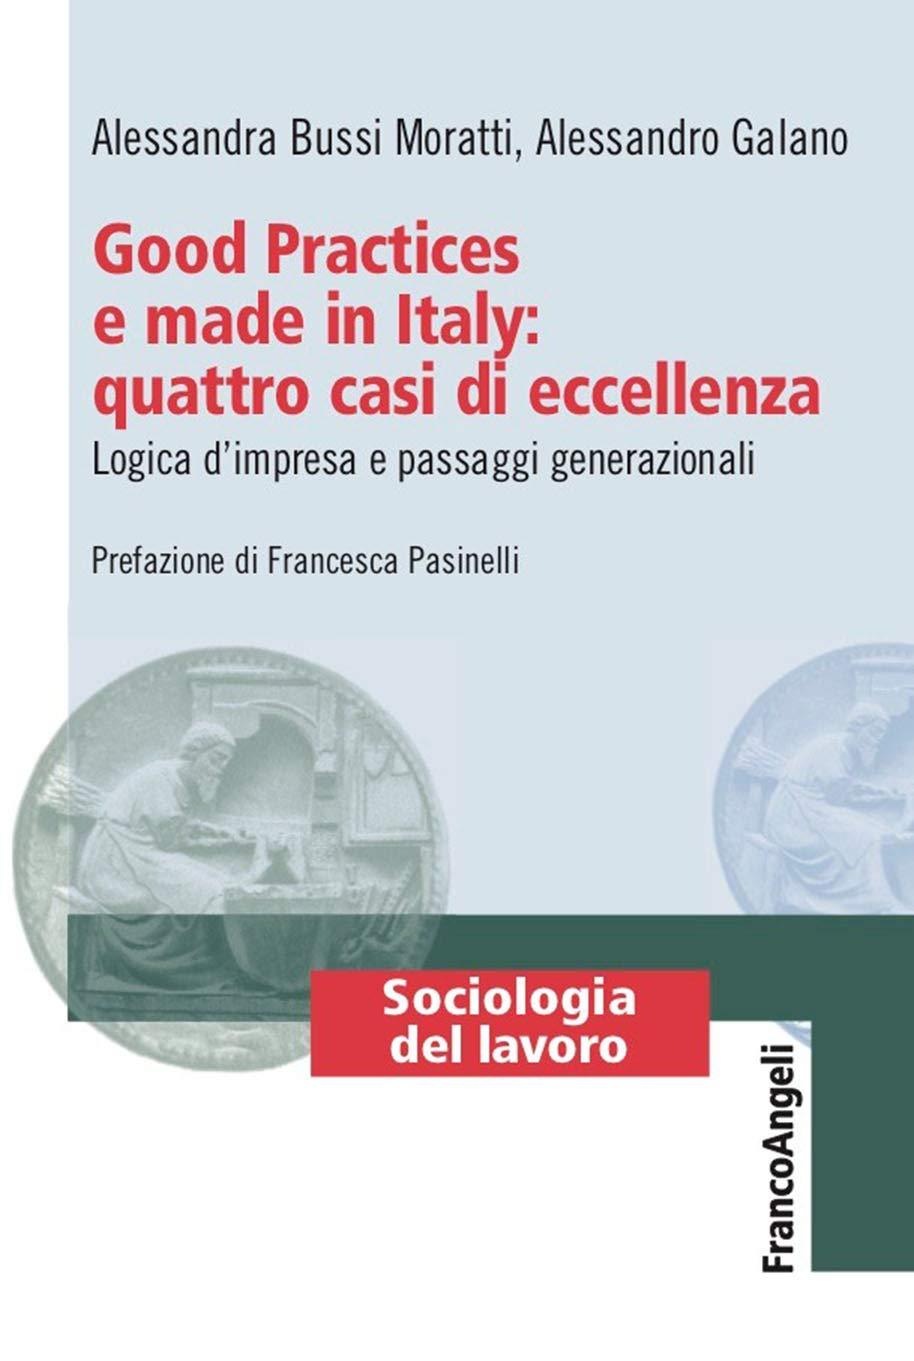 Good Practices e made in Italy: quattro casi di eccellenza: Logica d'impresa e passaggi generazionali (Italian Edition)